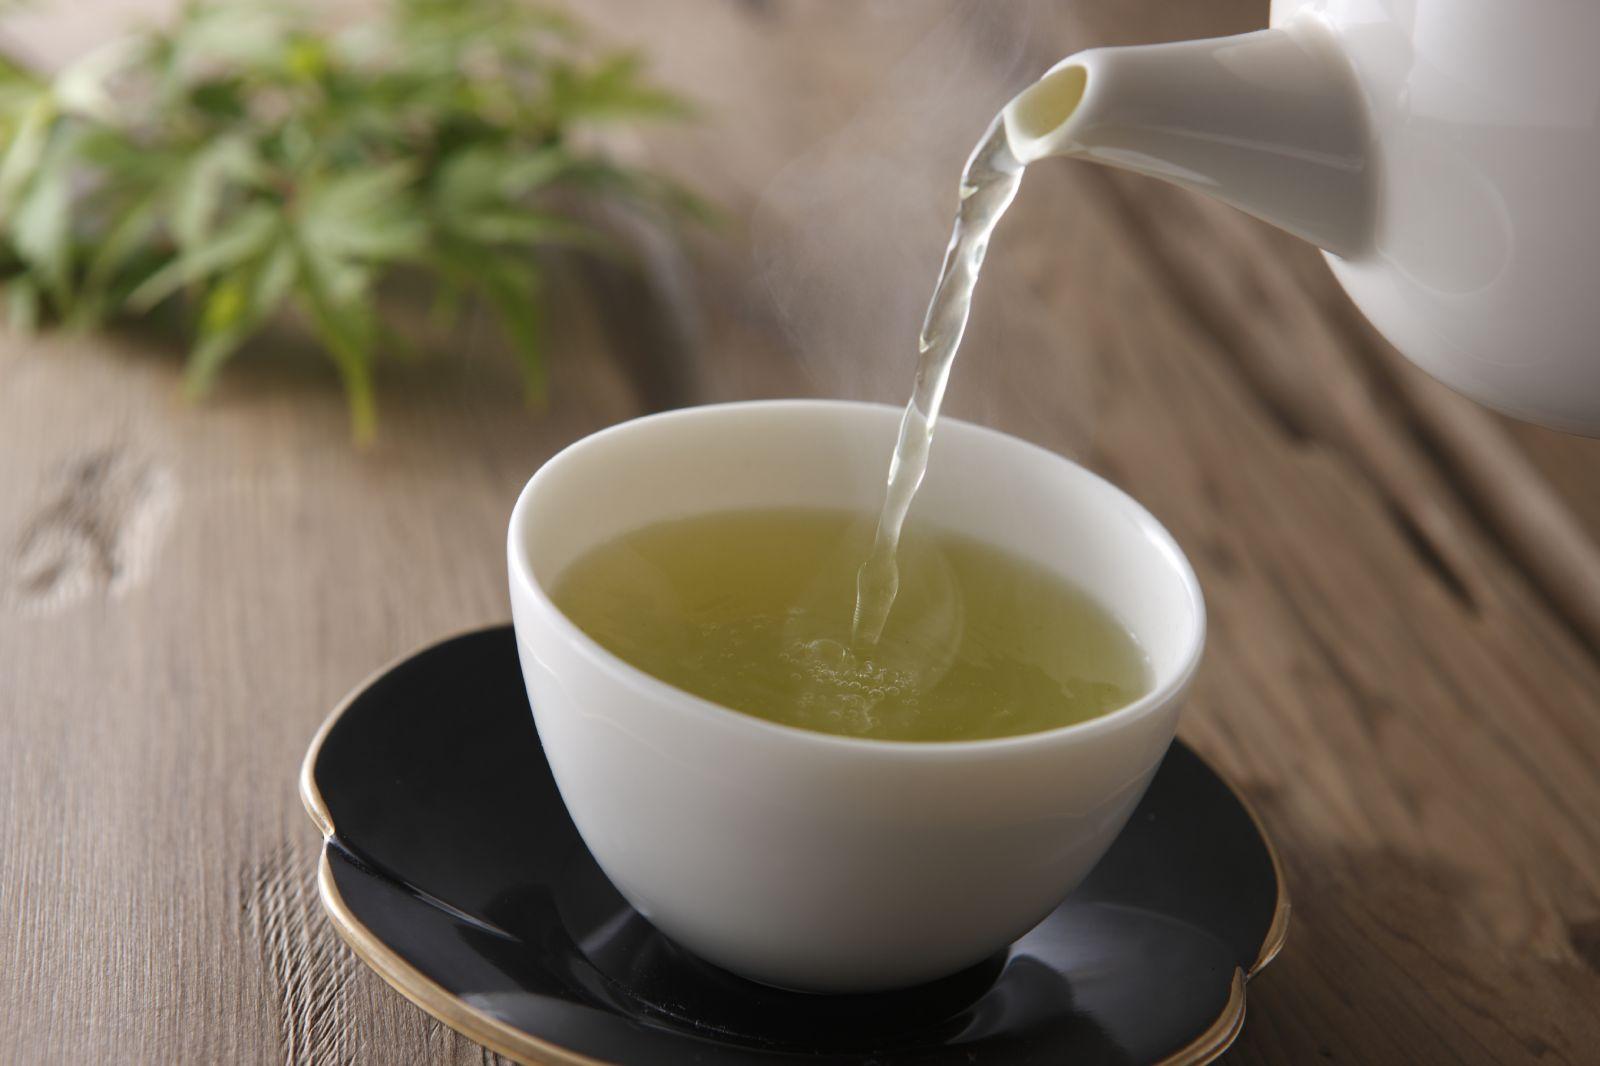 Uống trà rau dền gai chữa bệnh gai cột sống